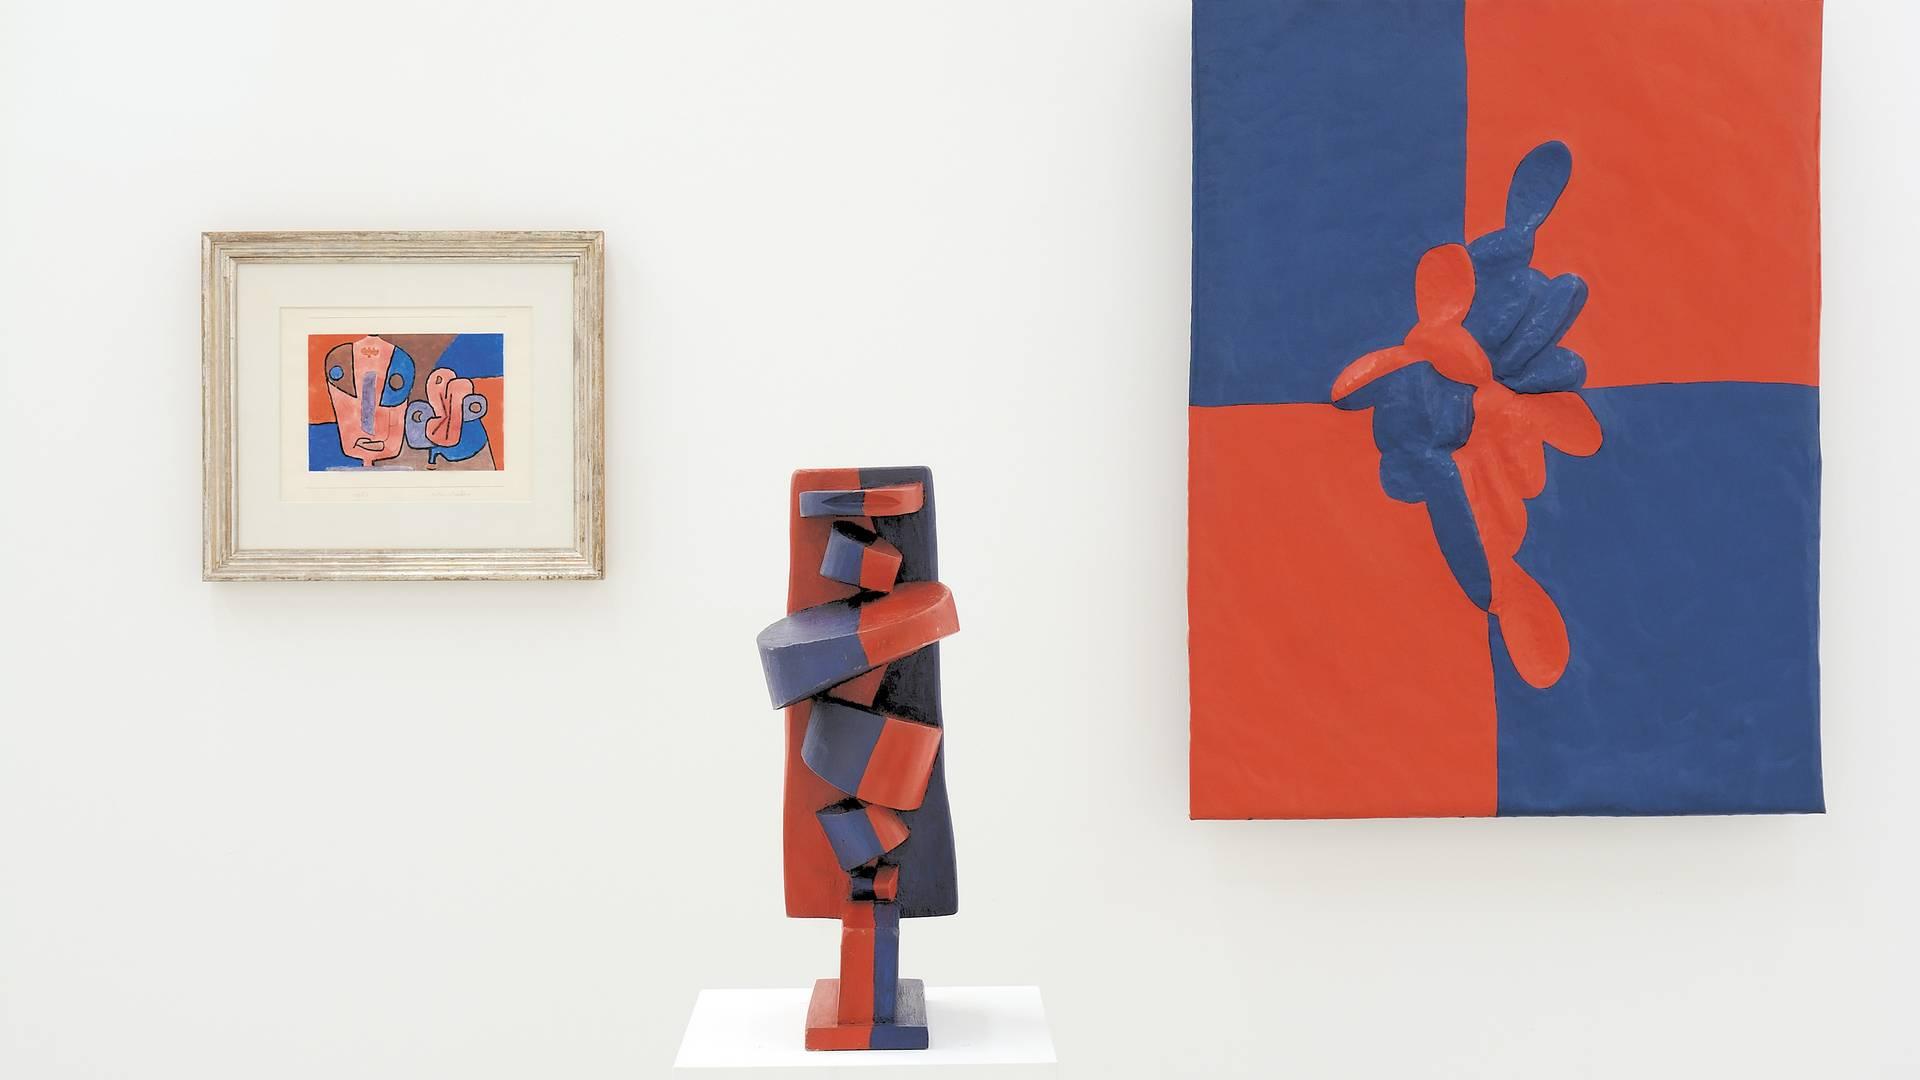 Liaunig, Klee Goeschl